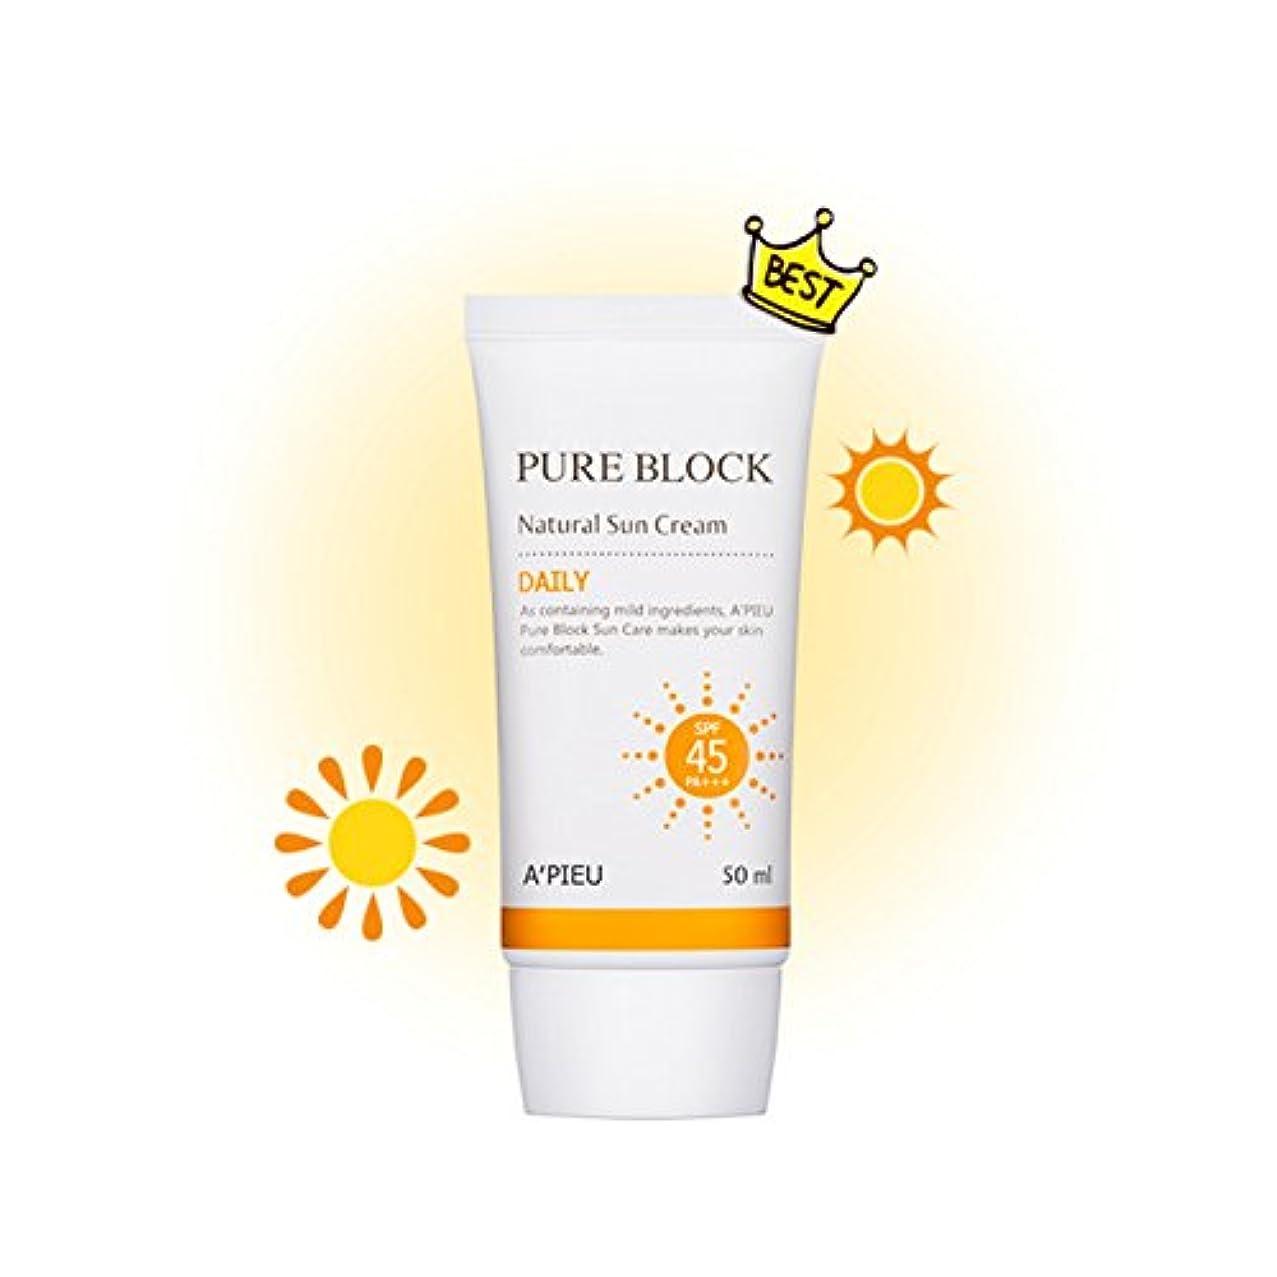 札入れ昇るシーボード[オピュ] A'PIEU ピュアブロックナチュラルデイリー日焼け止め Pure Block Natural Daily Sun Cream SPF 45 PA+++ [並行輸入品]